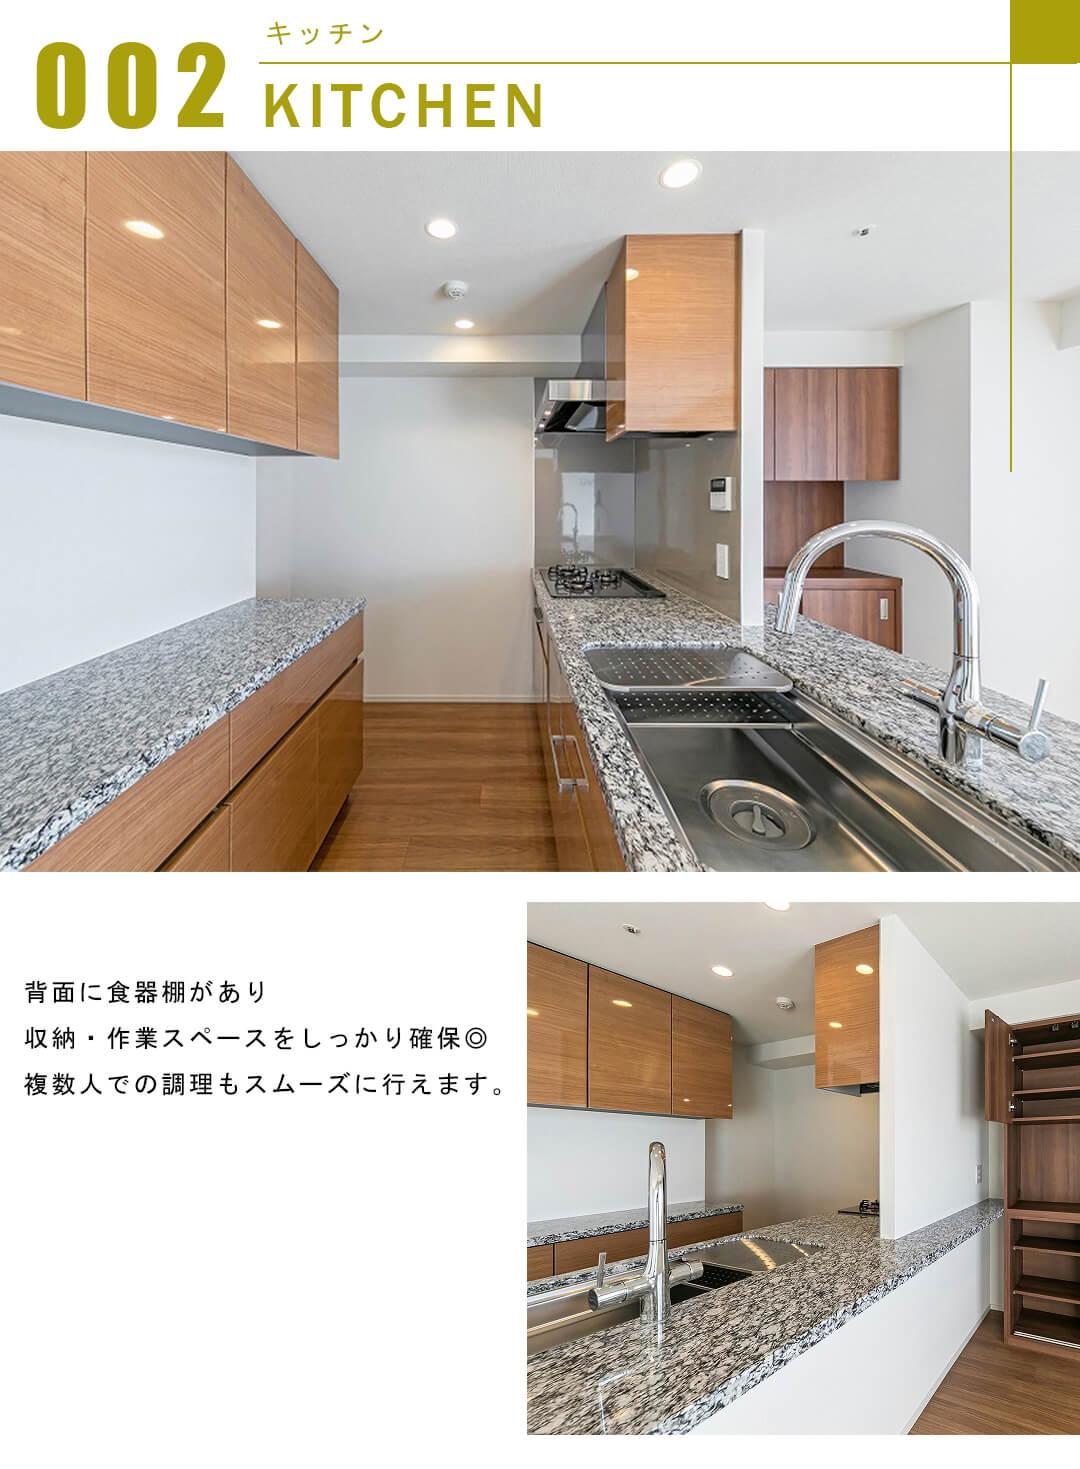 ブランズ横浜のキッチン